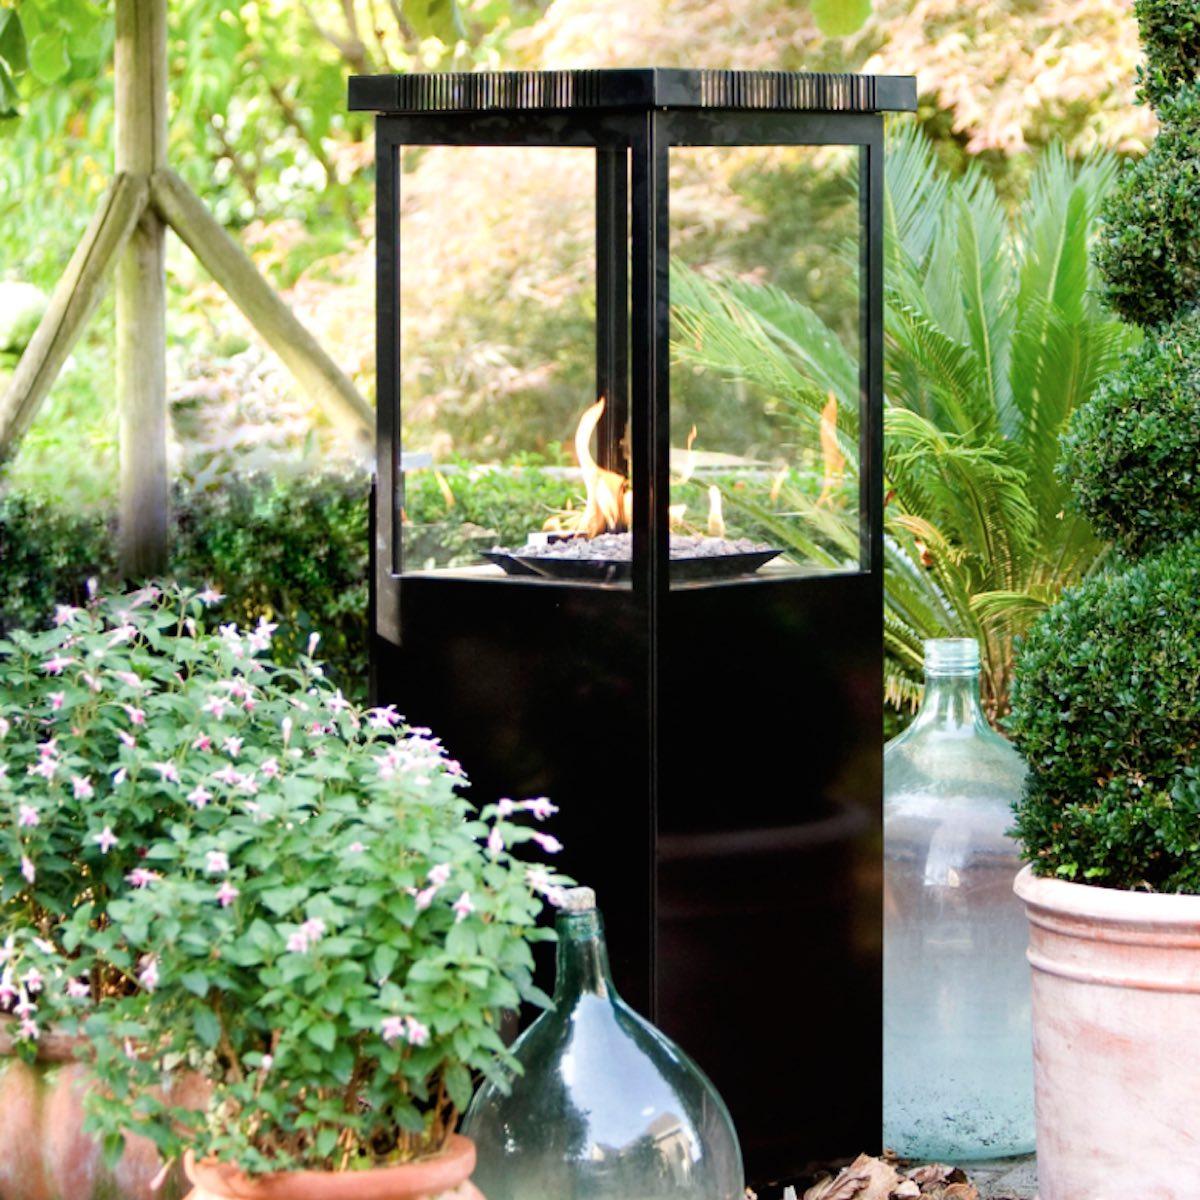 Comprar estufa gas sunwood marino 5 7 kw - Estufa de terraza ...